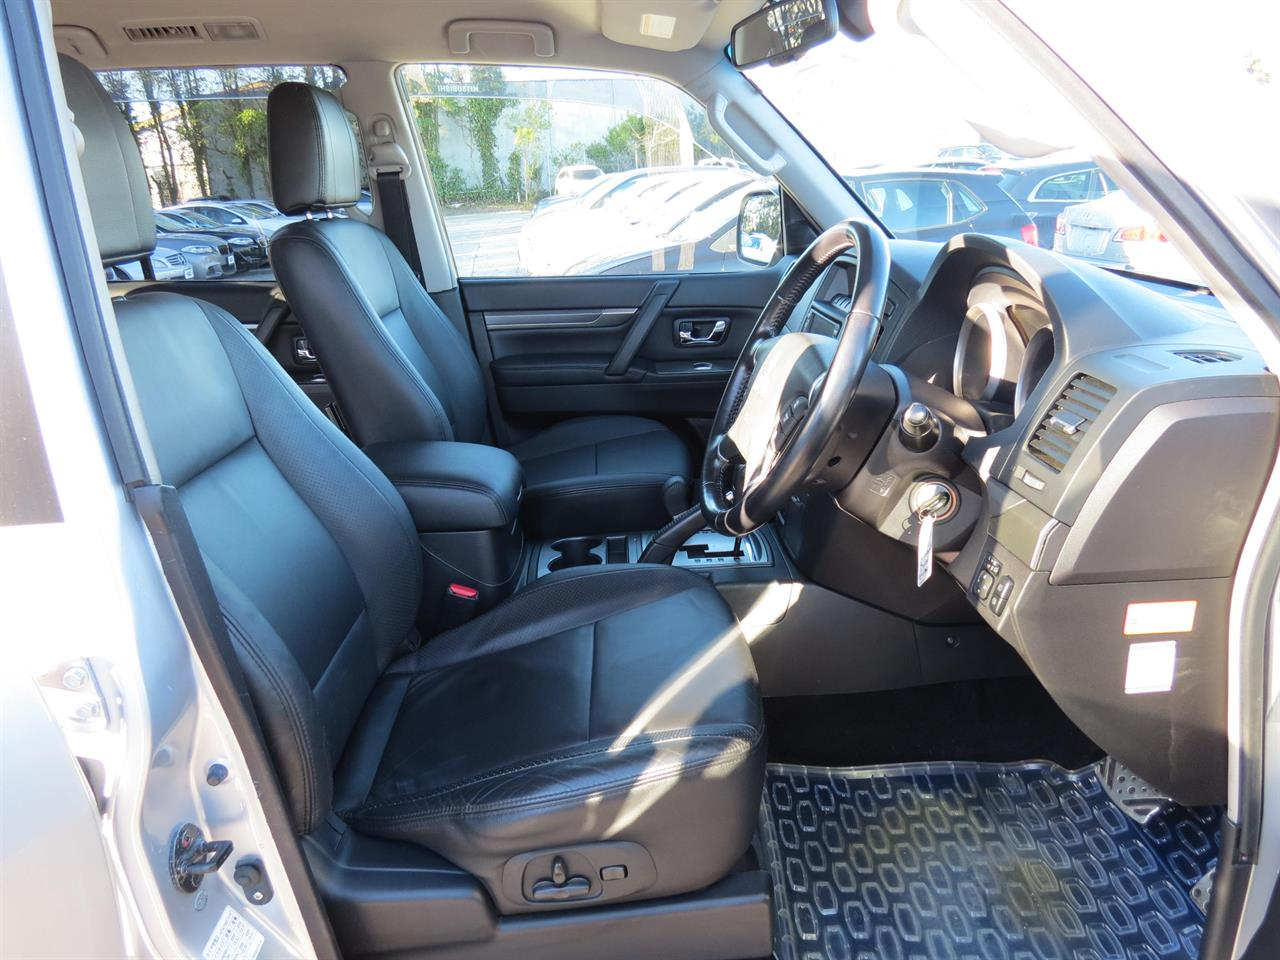 2008 Mitsubishi Pajero   only $83 weekly